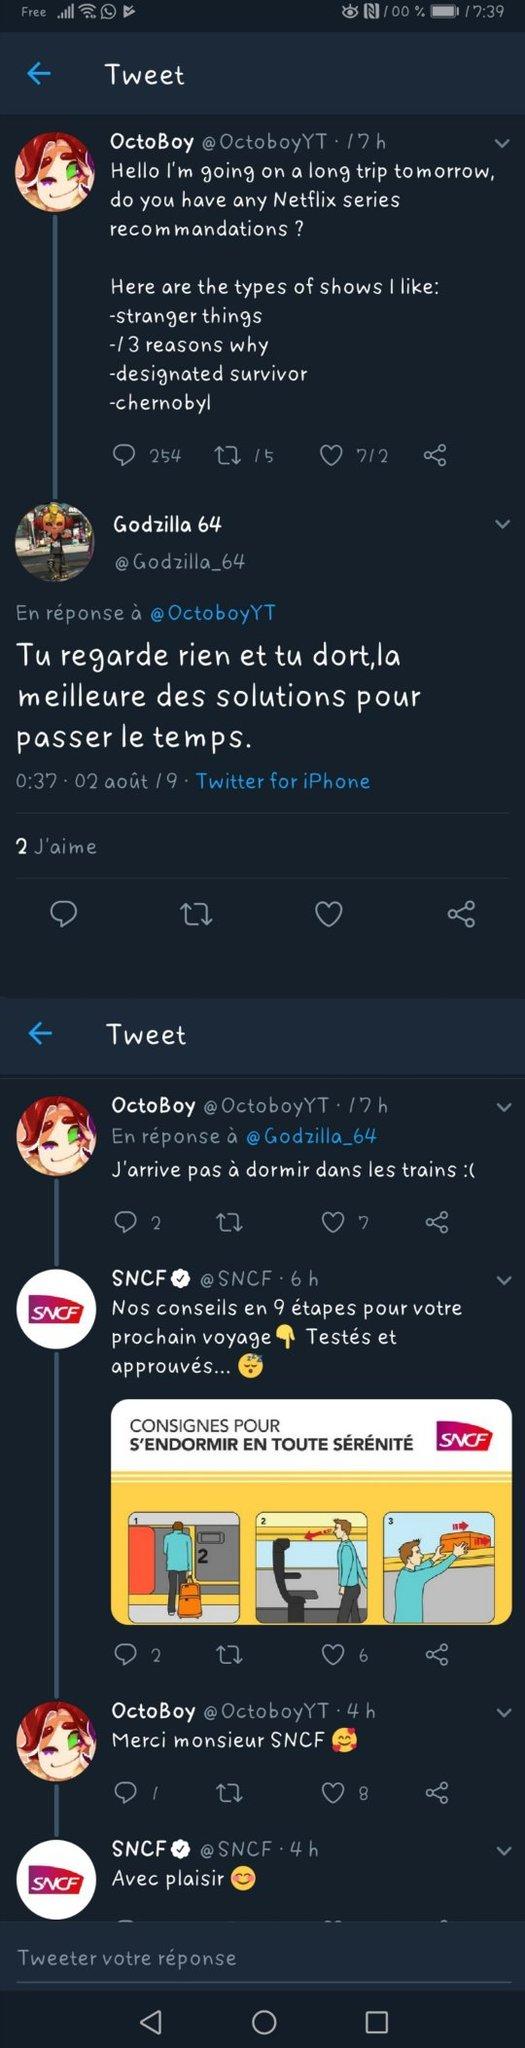 Comment bien dormir, par SNCF - meme